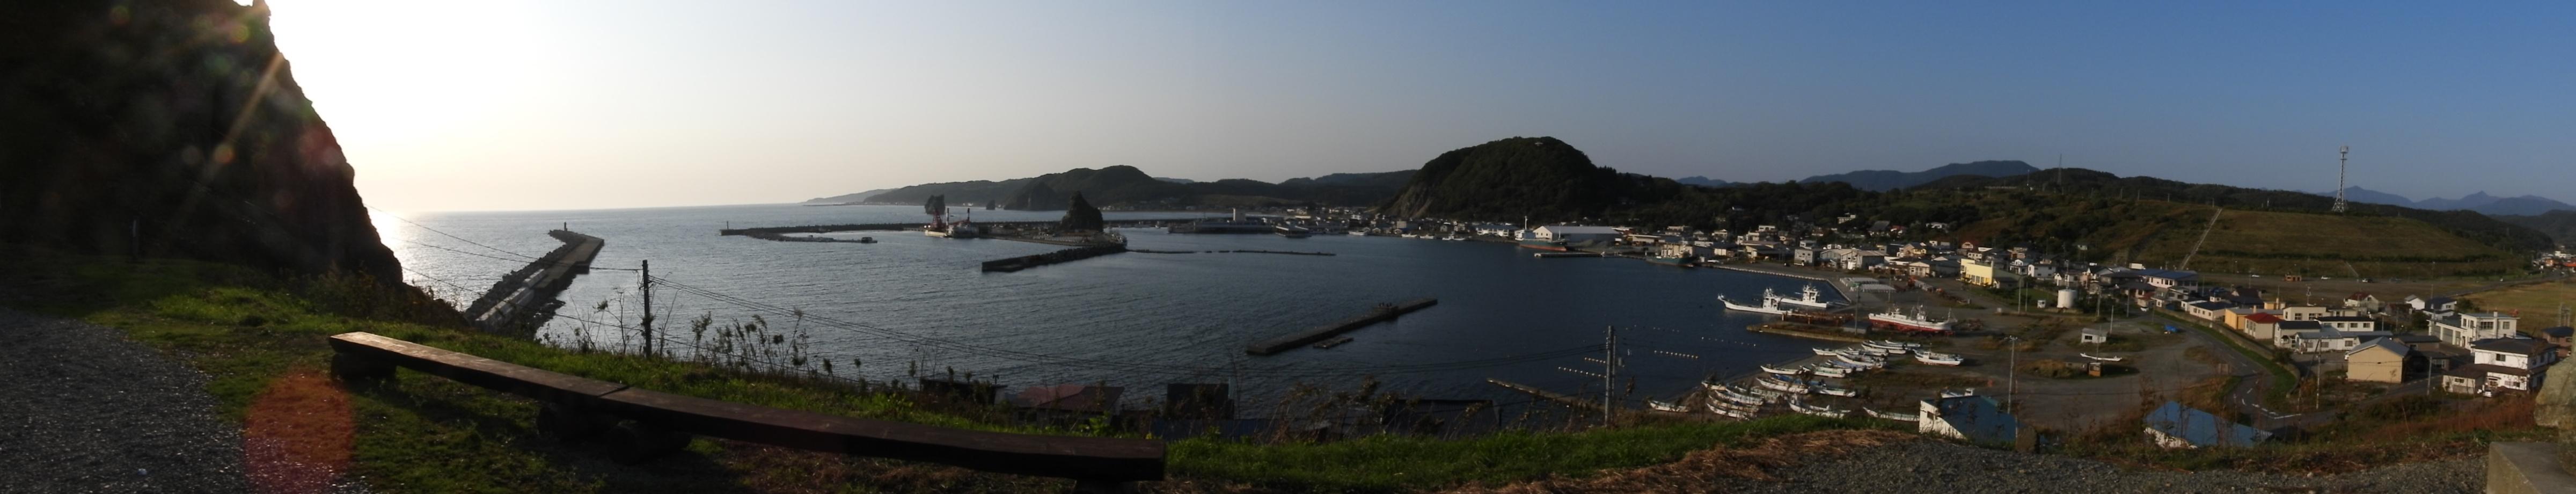 エンルム岬から様似漁港方面